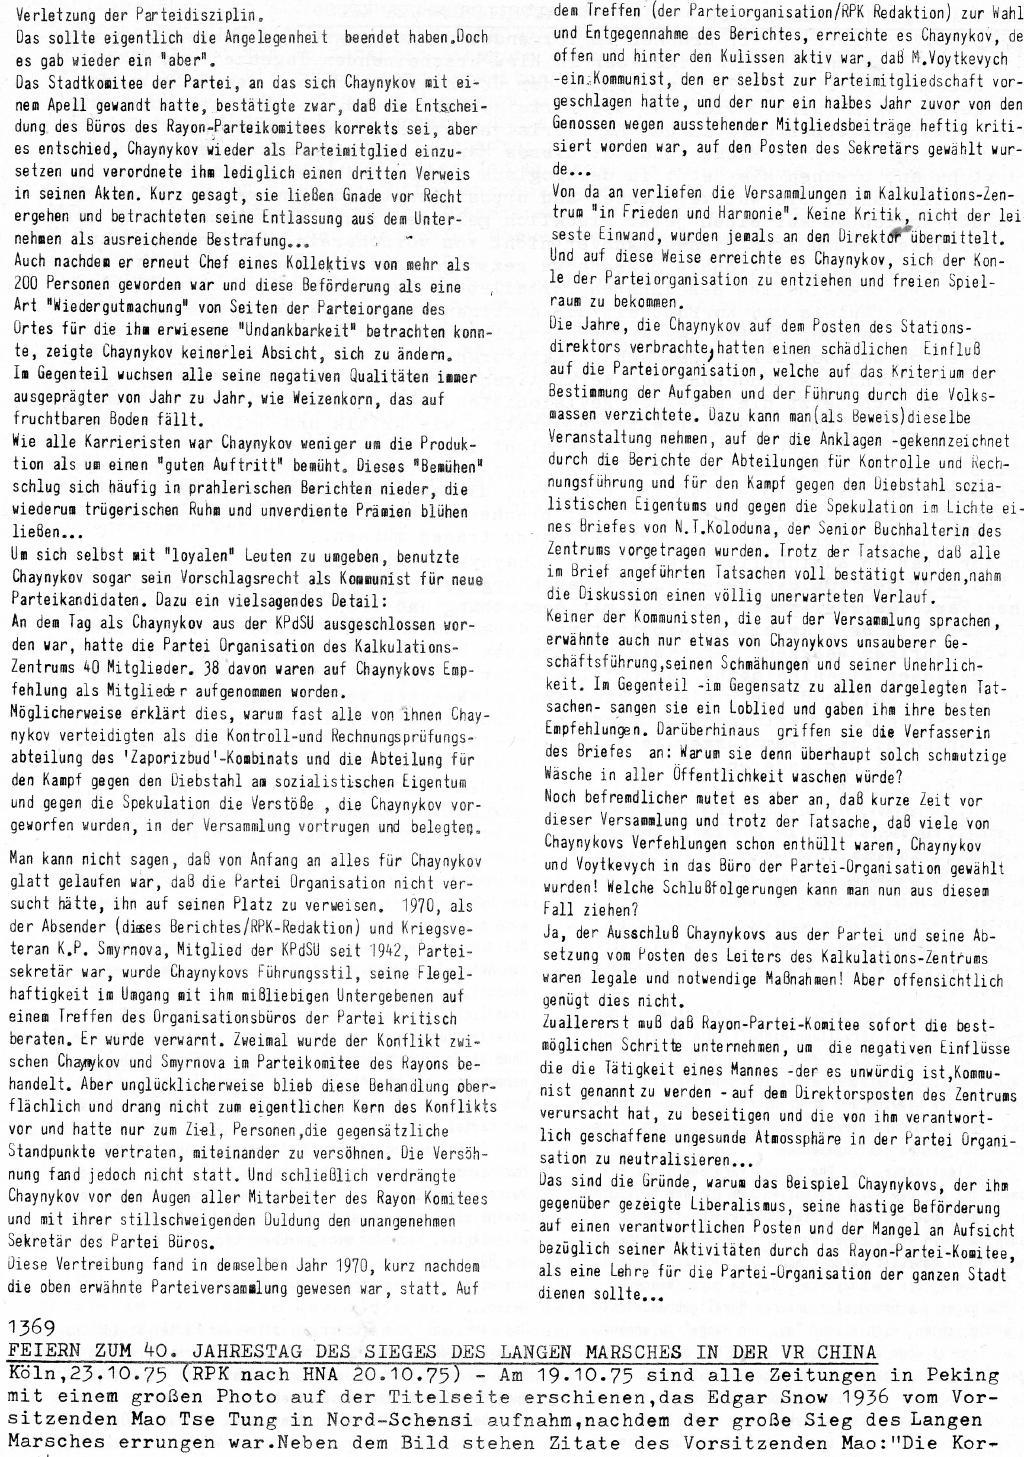 RPK_Pressedienst_1975_49_14